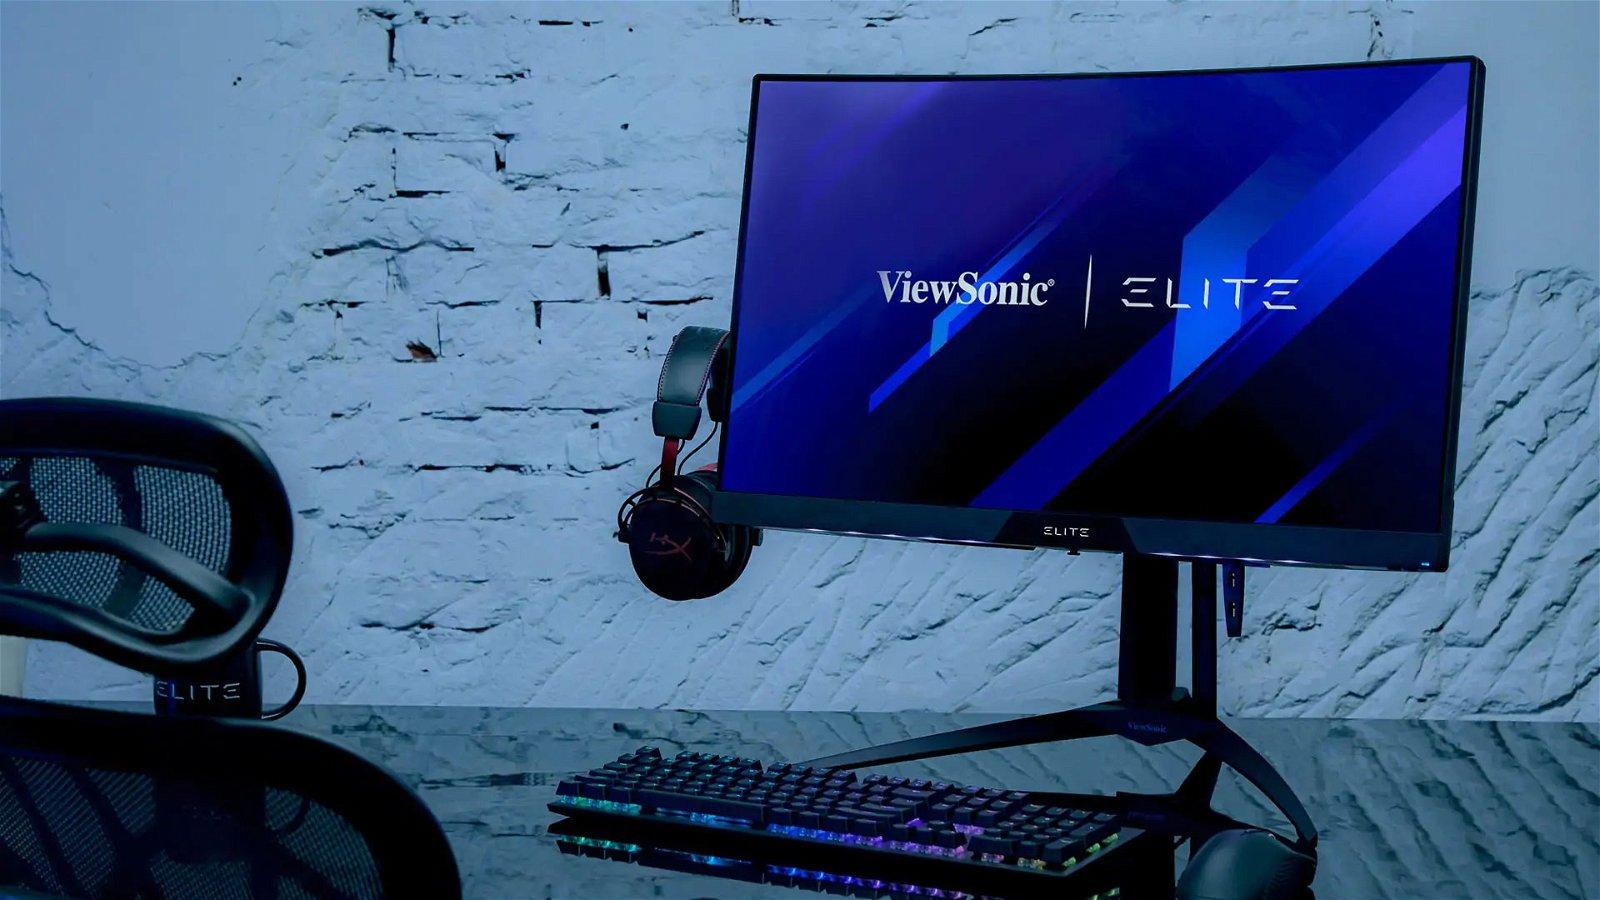 ViewSonic ELITE XG270QC Gaming Monitor Review